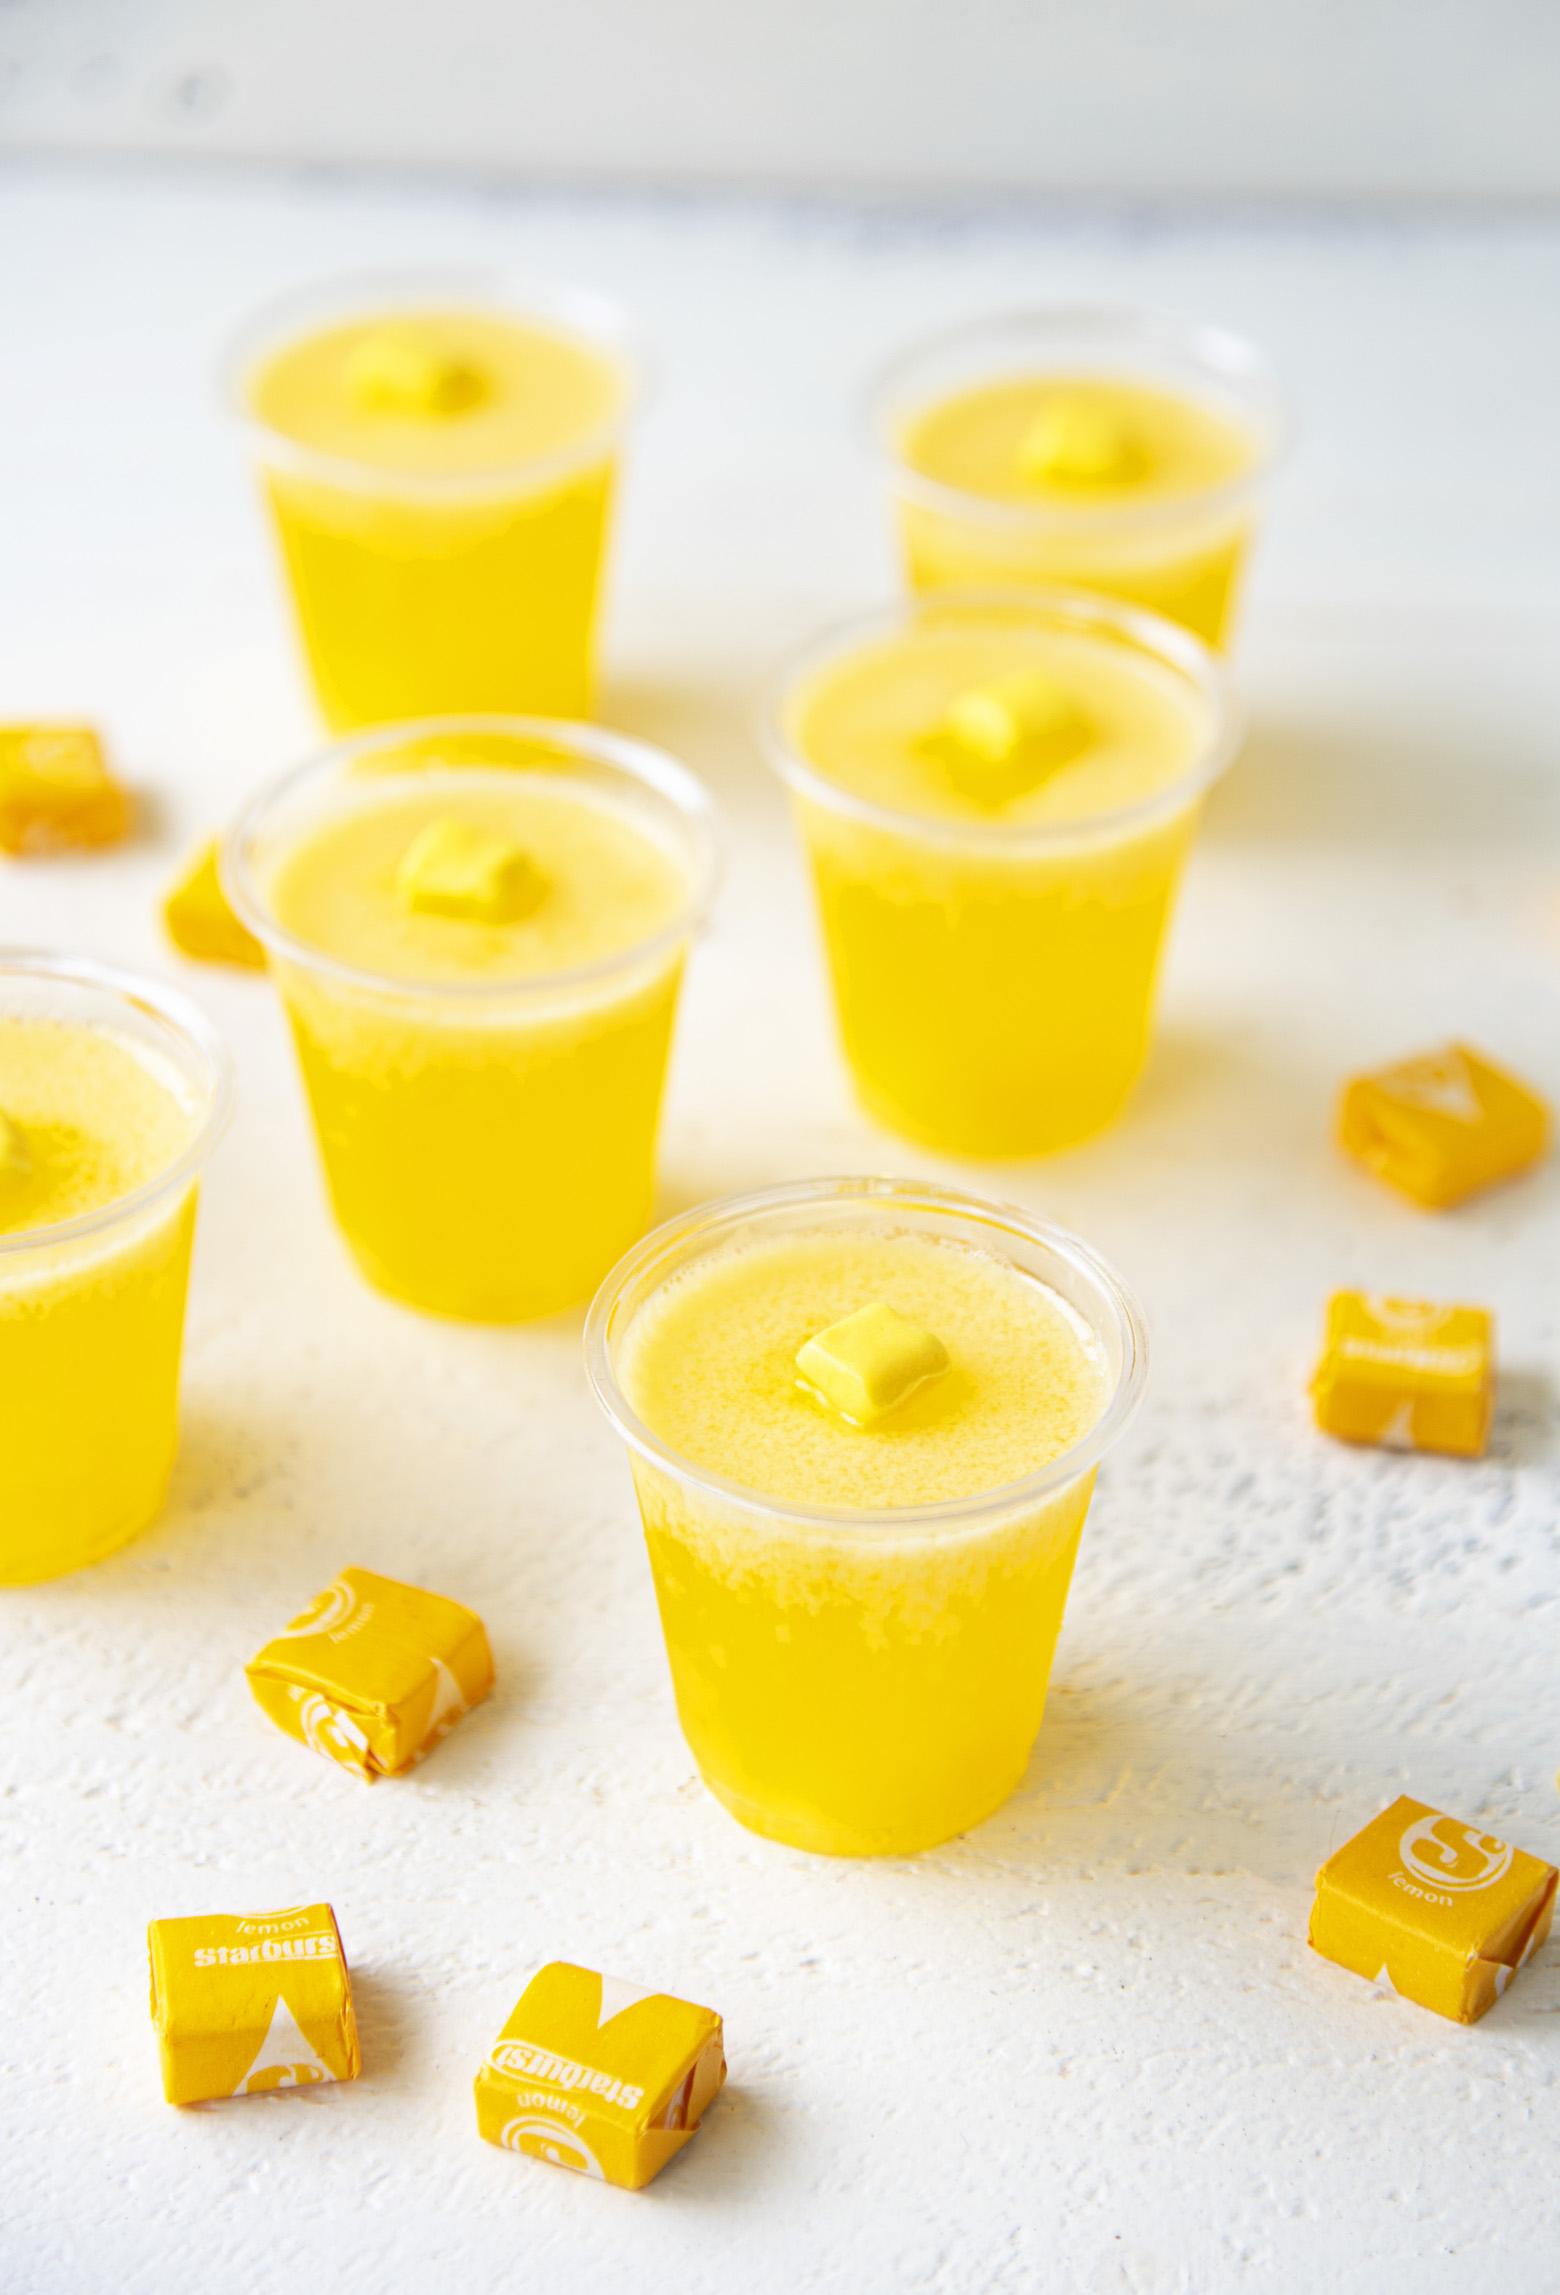 Yellow Starburst Jell-O Shots